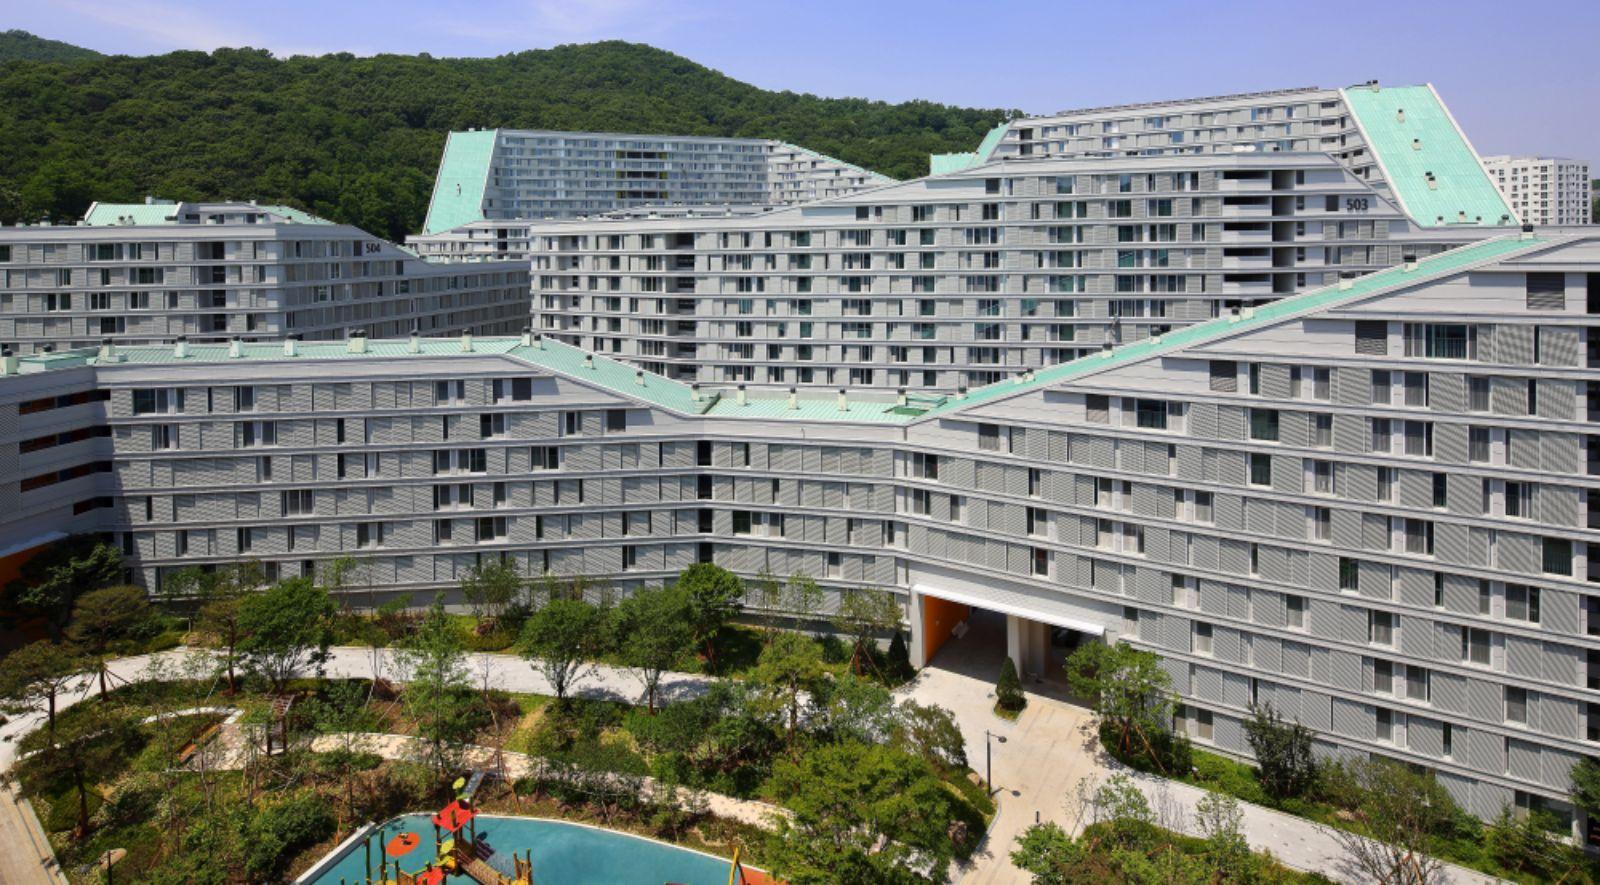 Gangnam A5 Housing Block